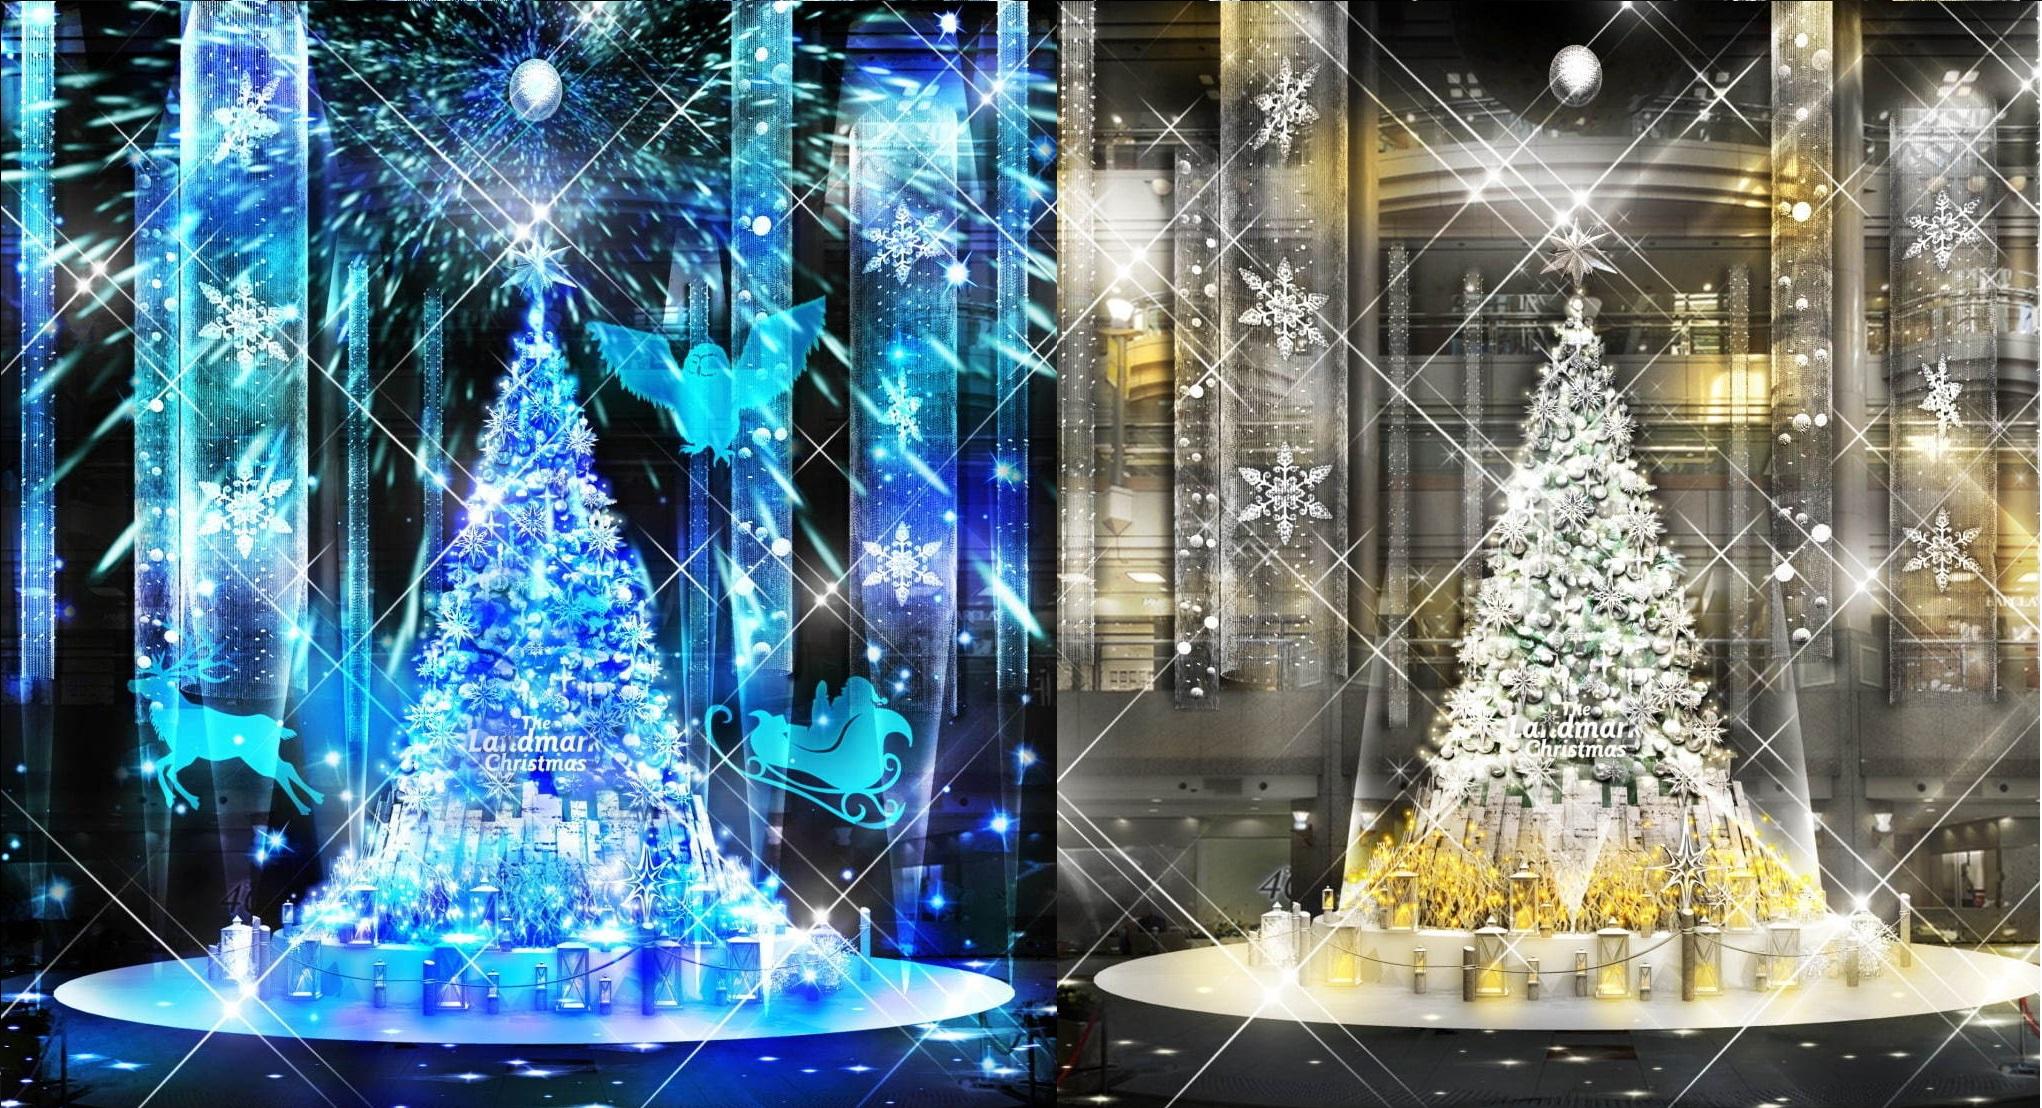 聖誕樹燈光秀